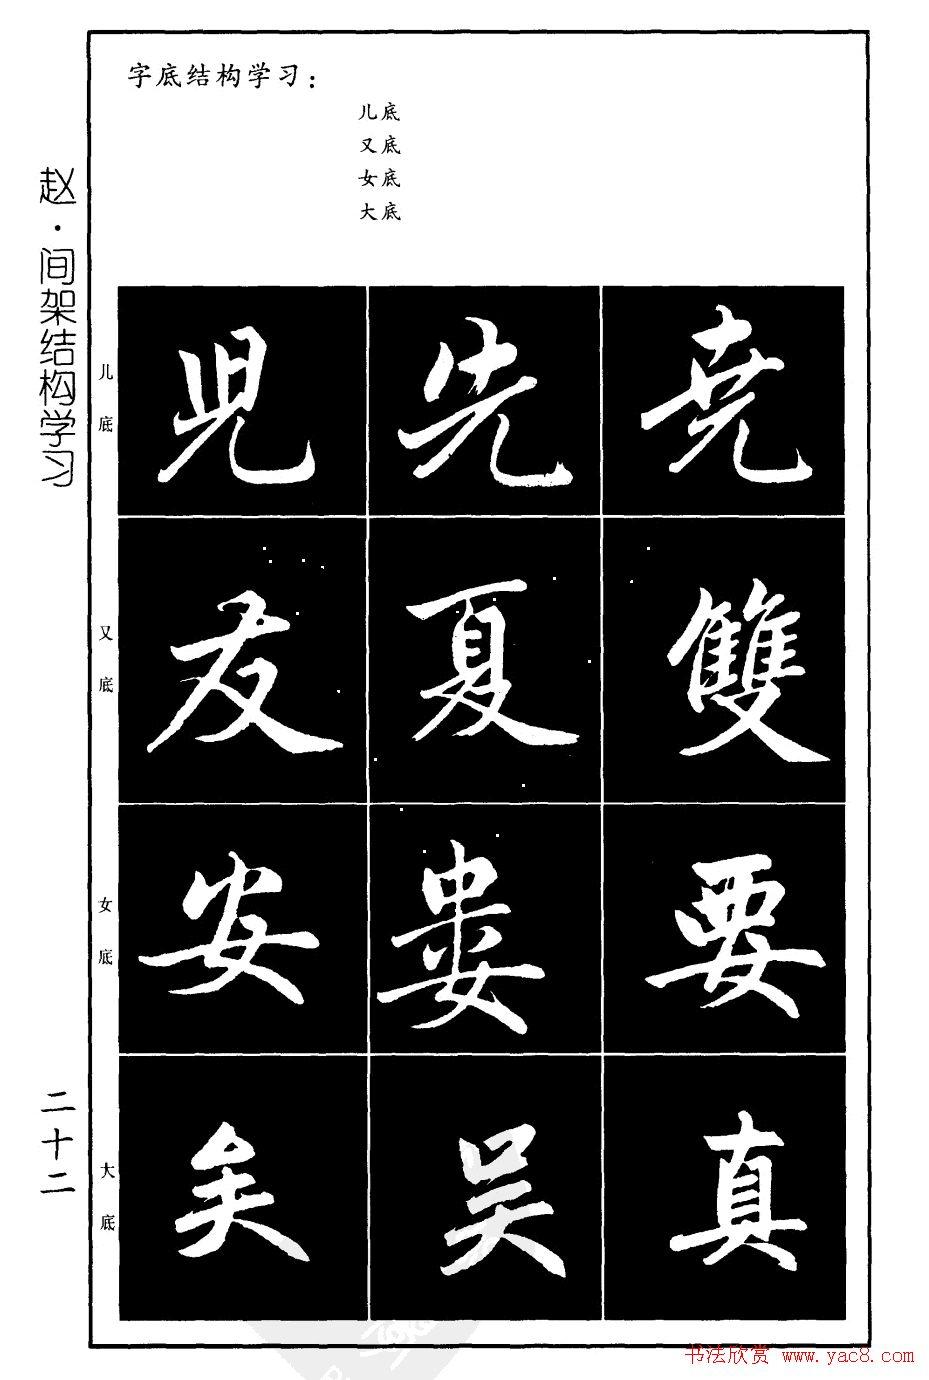 赵孟頫楷书习字帖放大图片44P 第11页 楷书字帖 书法欣赏